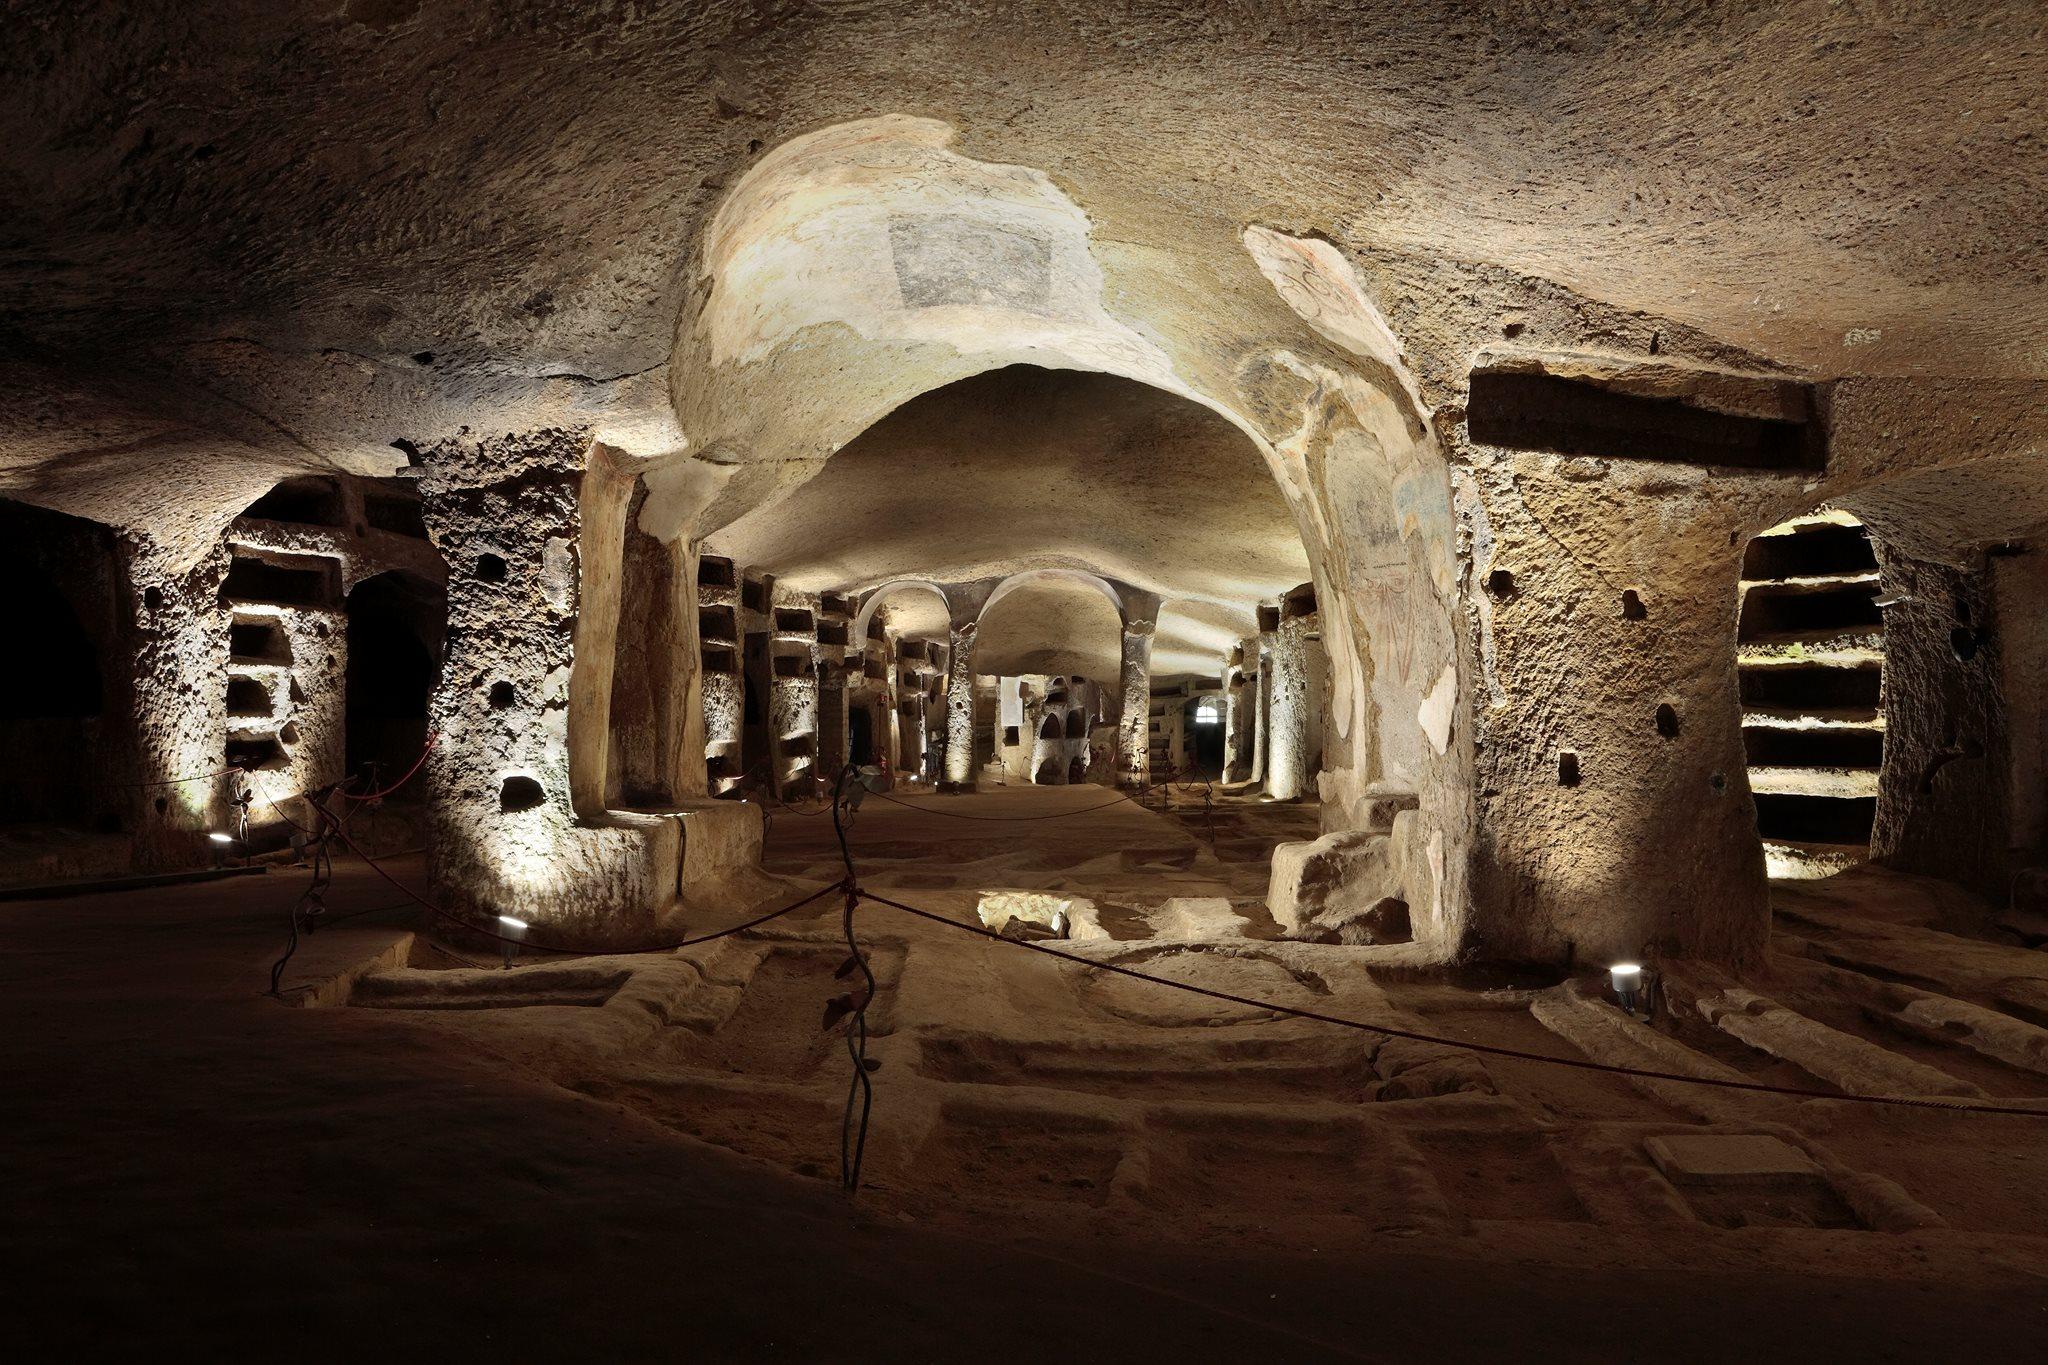 Catacombe di San Gennaro, futuro in bilico: l'appello dei ragazzi della Sanità al Papa